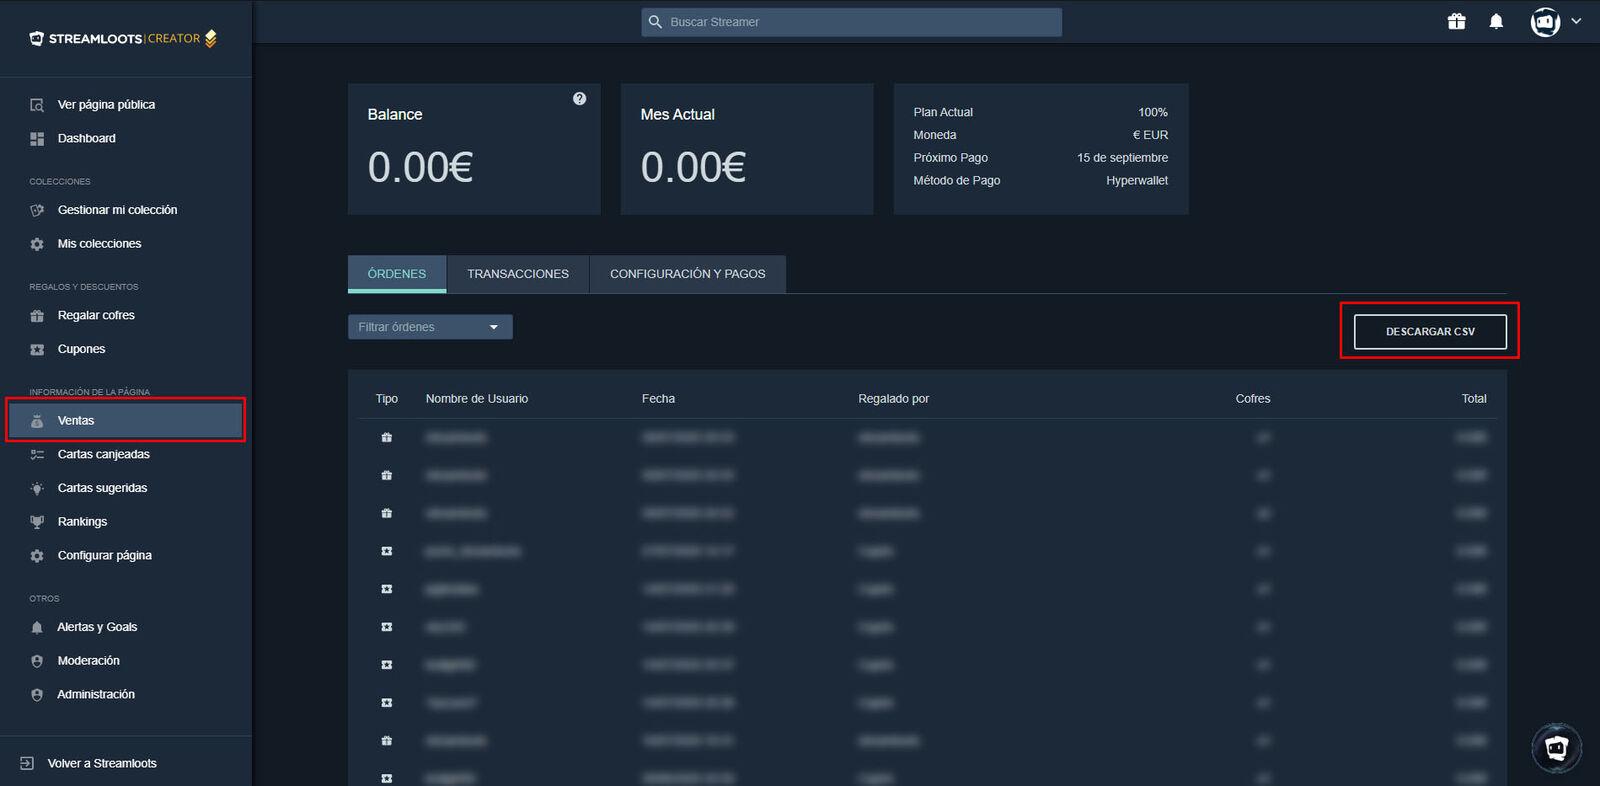 """Donde encontrar el botón """"Descargar CSV"""" para descargar un reporte detallado de todas ventas"""